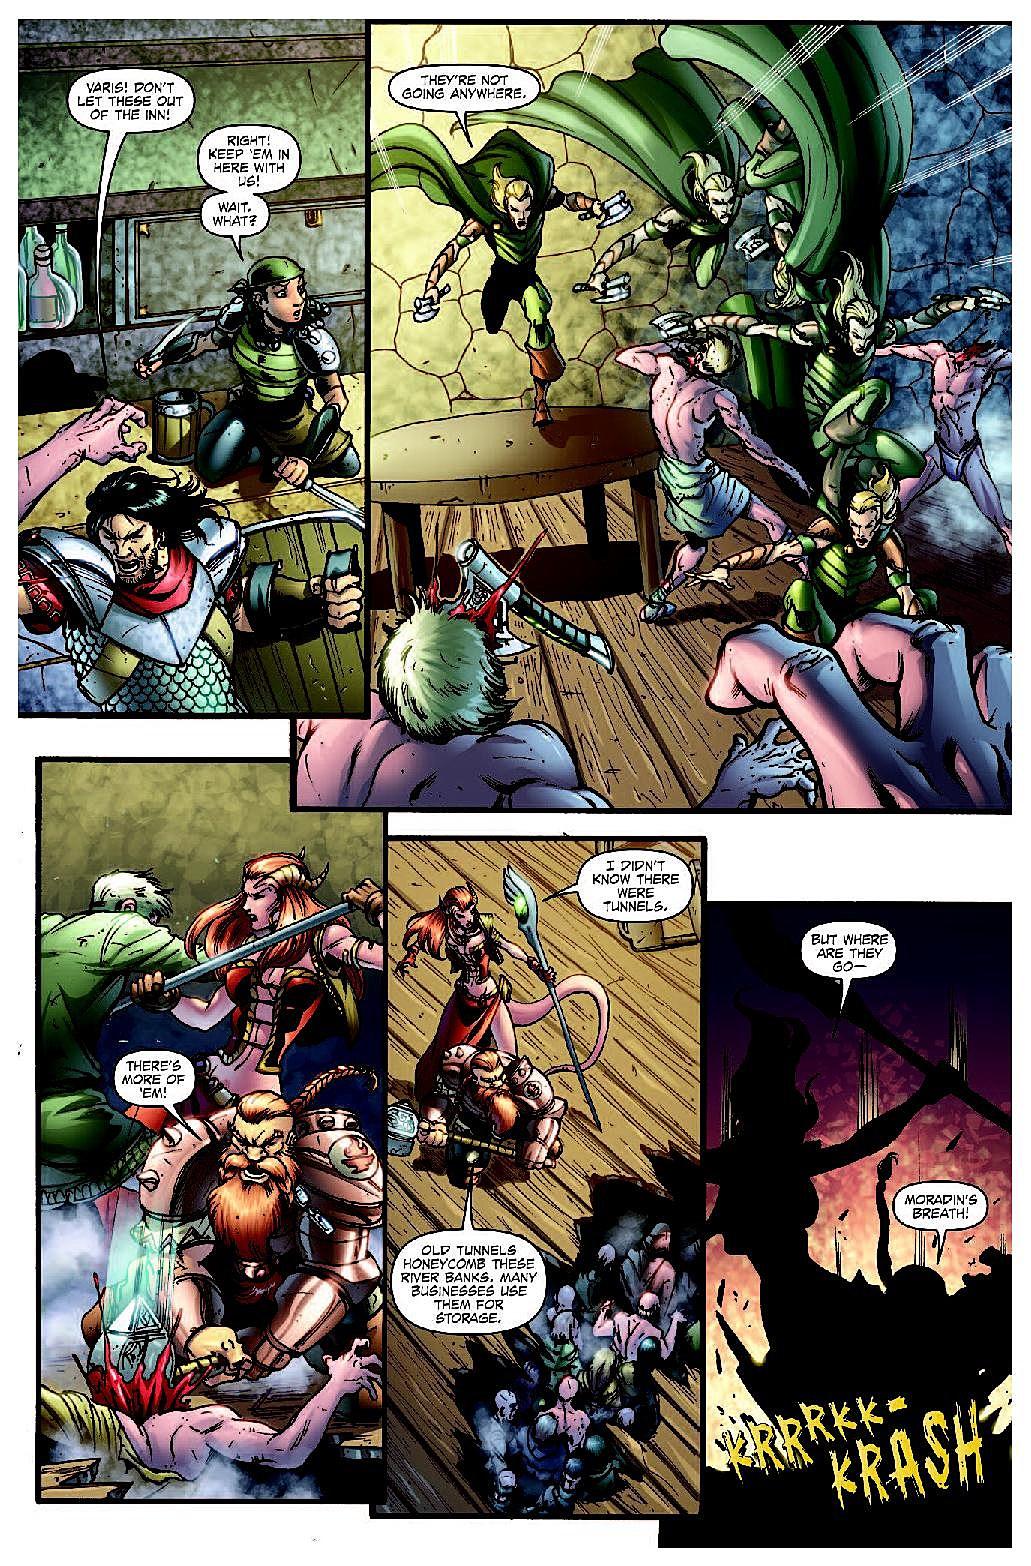 Dungeons And Dragons Spielerhandbuch Pdf